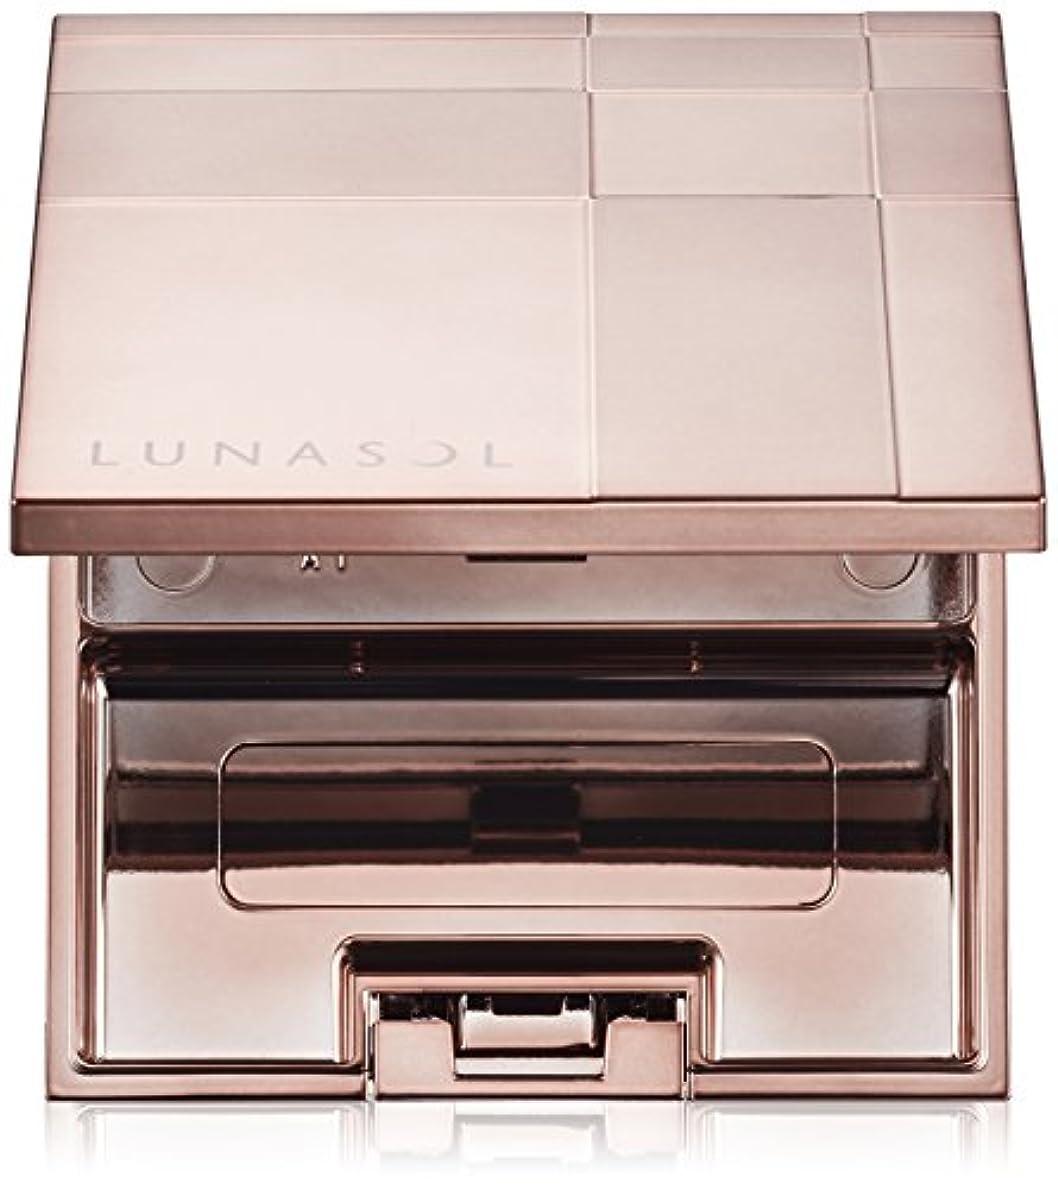 装備する乱闘テラスルナソル(LUNASOL) ルナソル ルナソル チークカラーコンパクト 化粧小物 単品